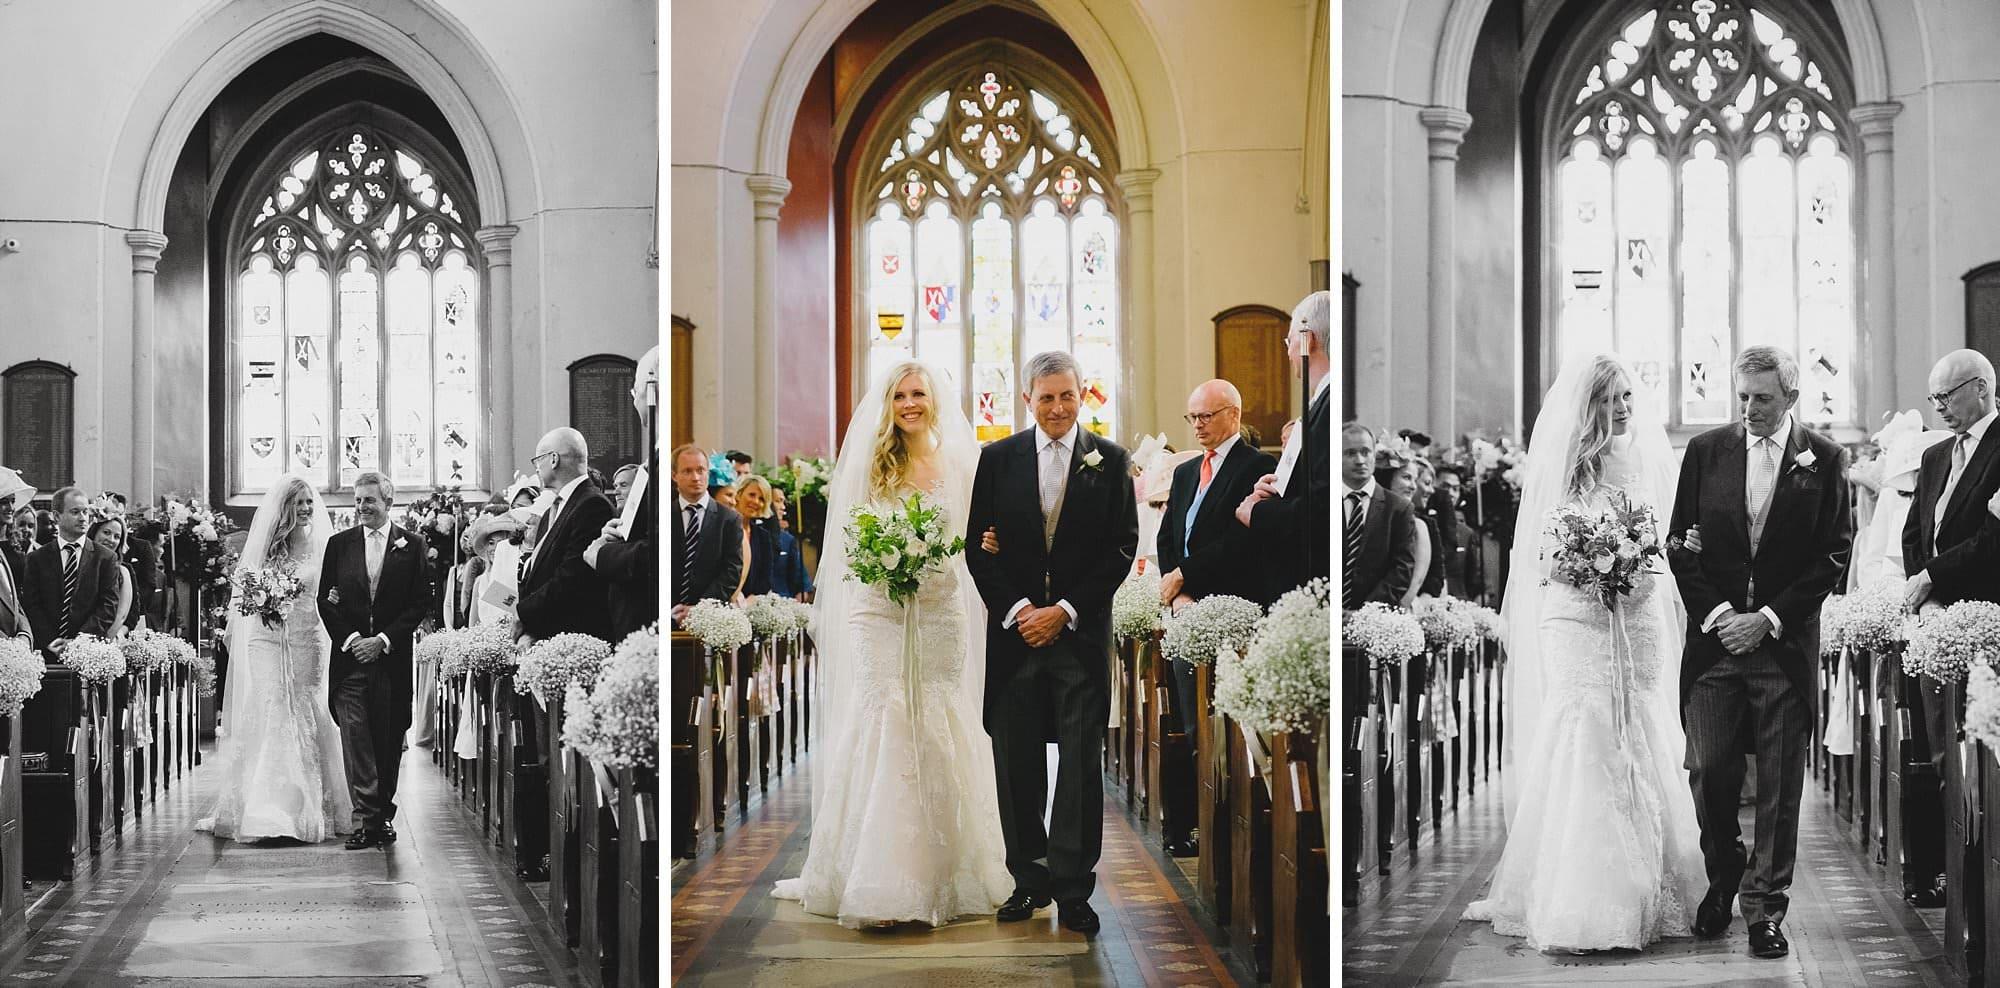 fulham palace wedding photographer 030 - Rosanna & Duncan's Fulham Palace Wedding